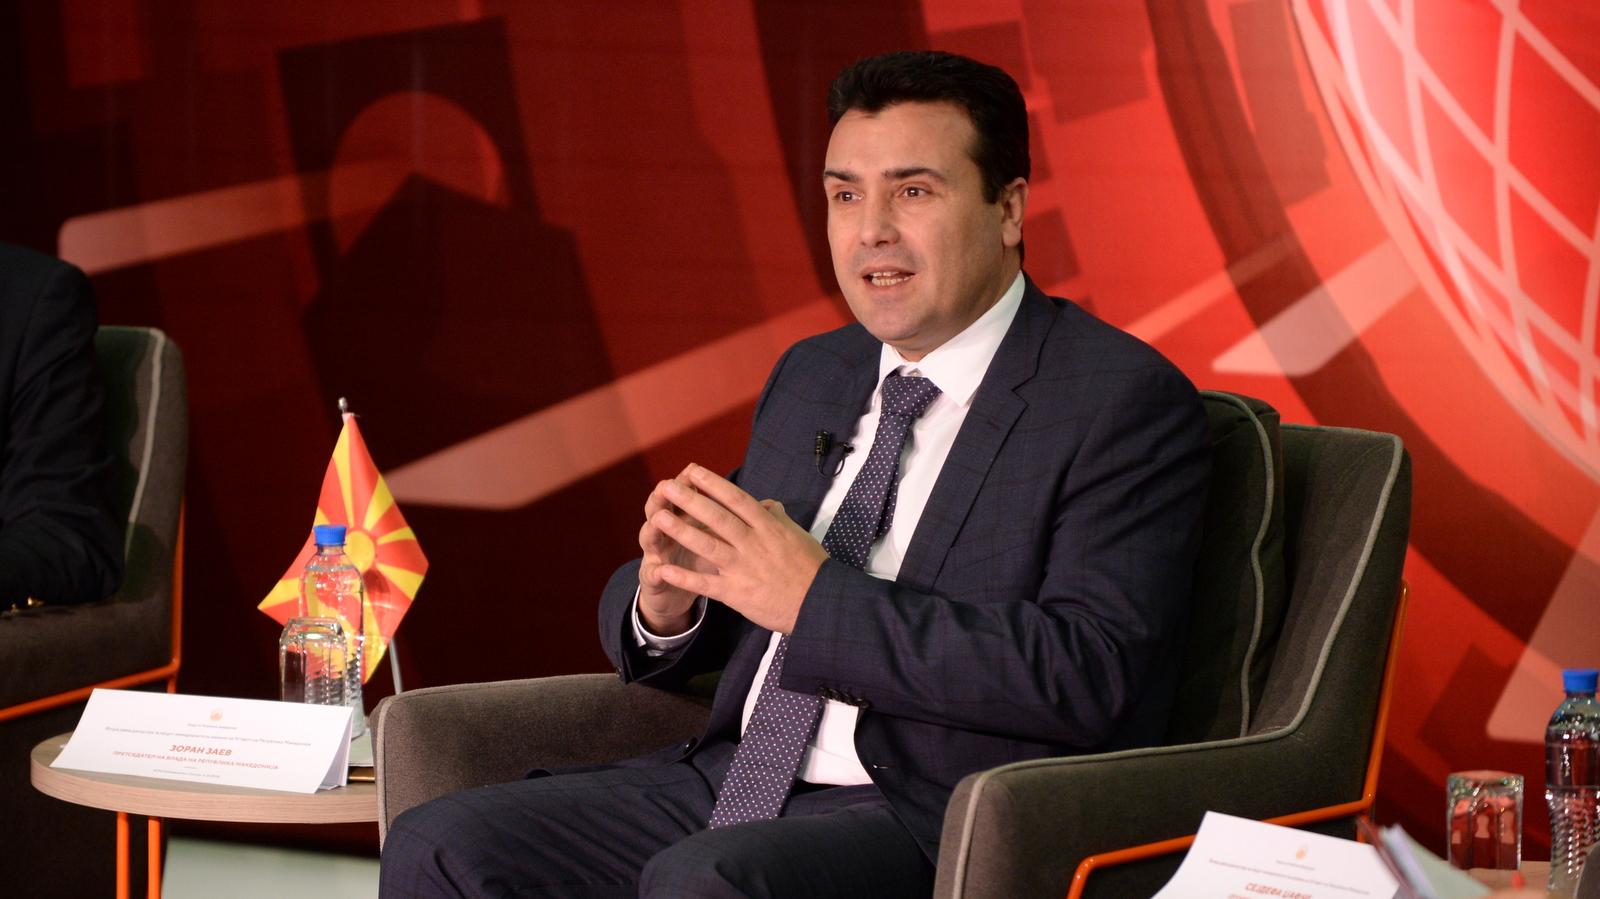 Ο Zaev συνεχάρη τον Κυριάκο Μητσοτάκη